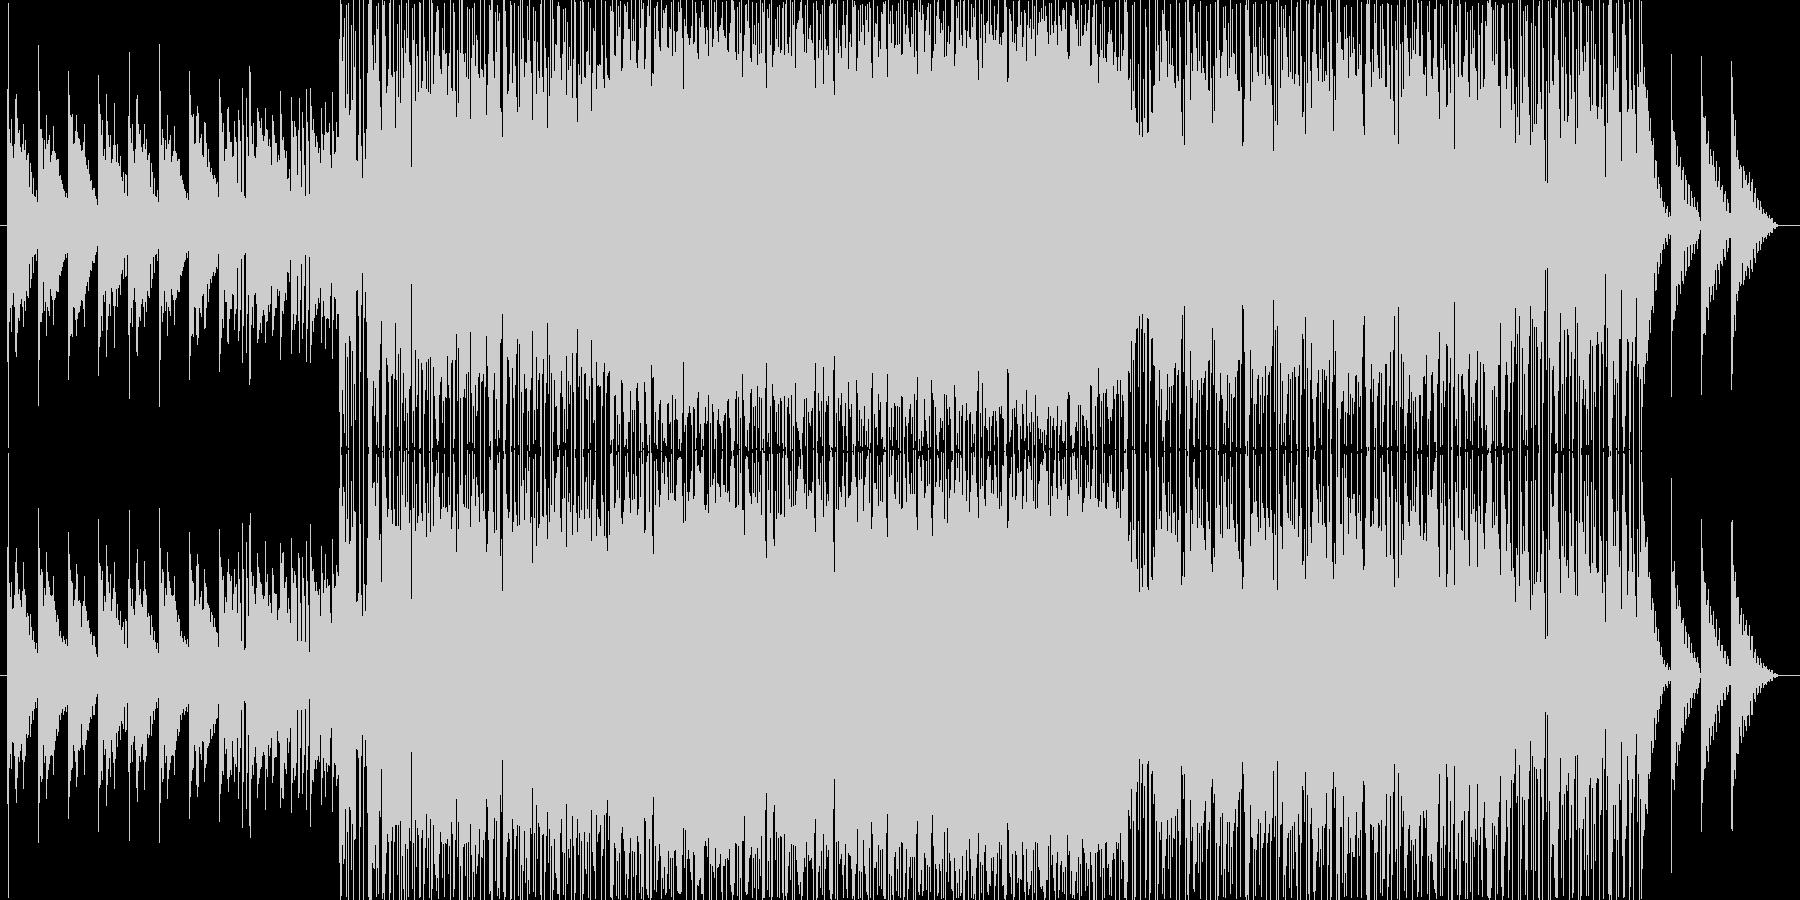 セツナ系の温かいポップスの未再生の波形